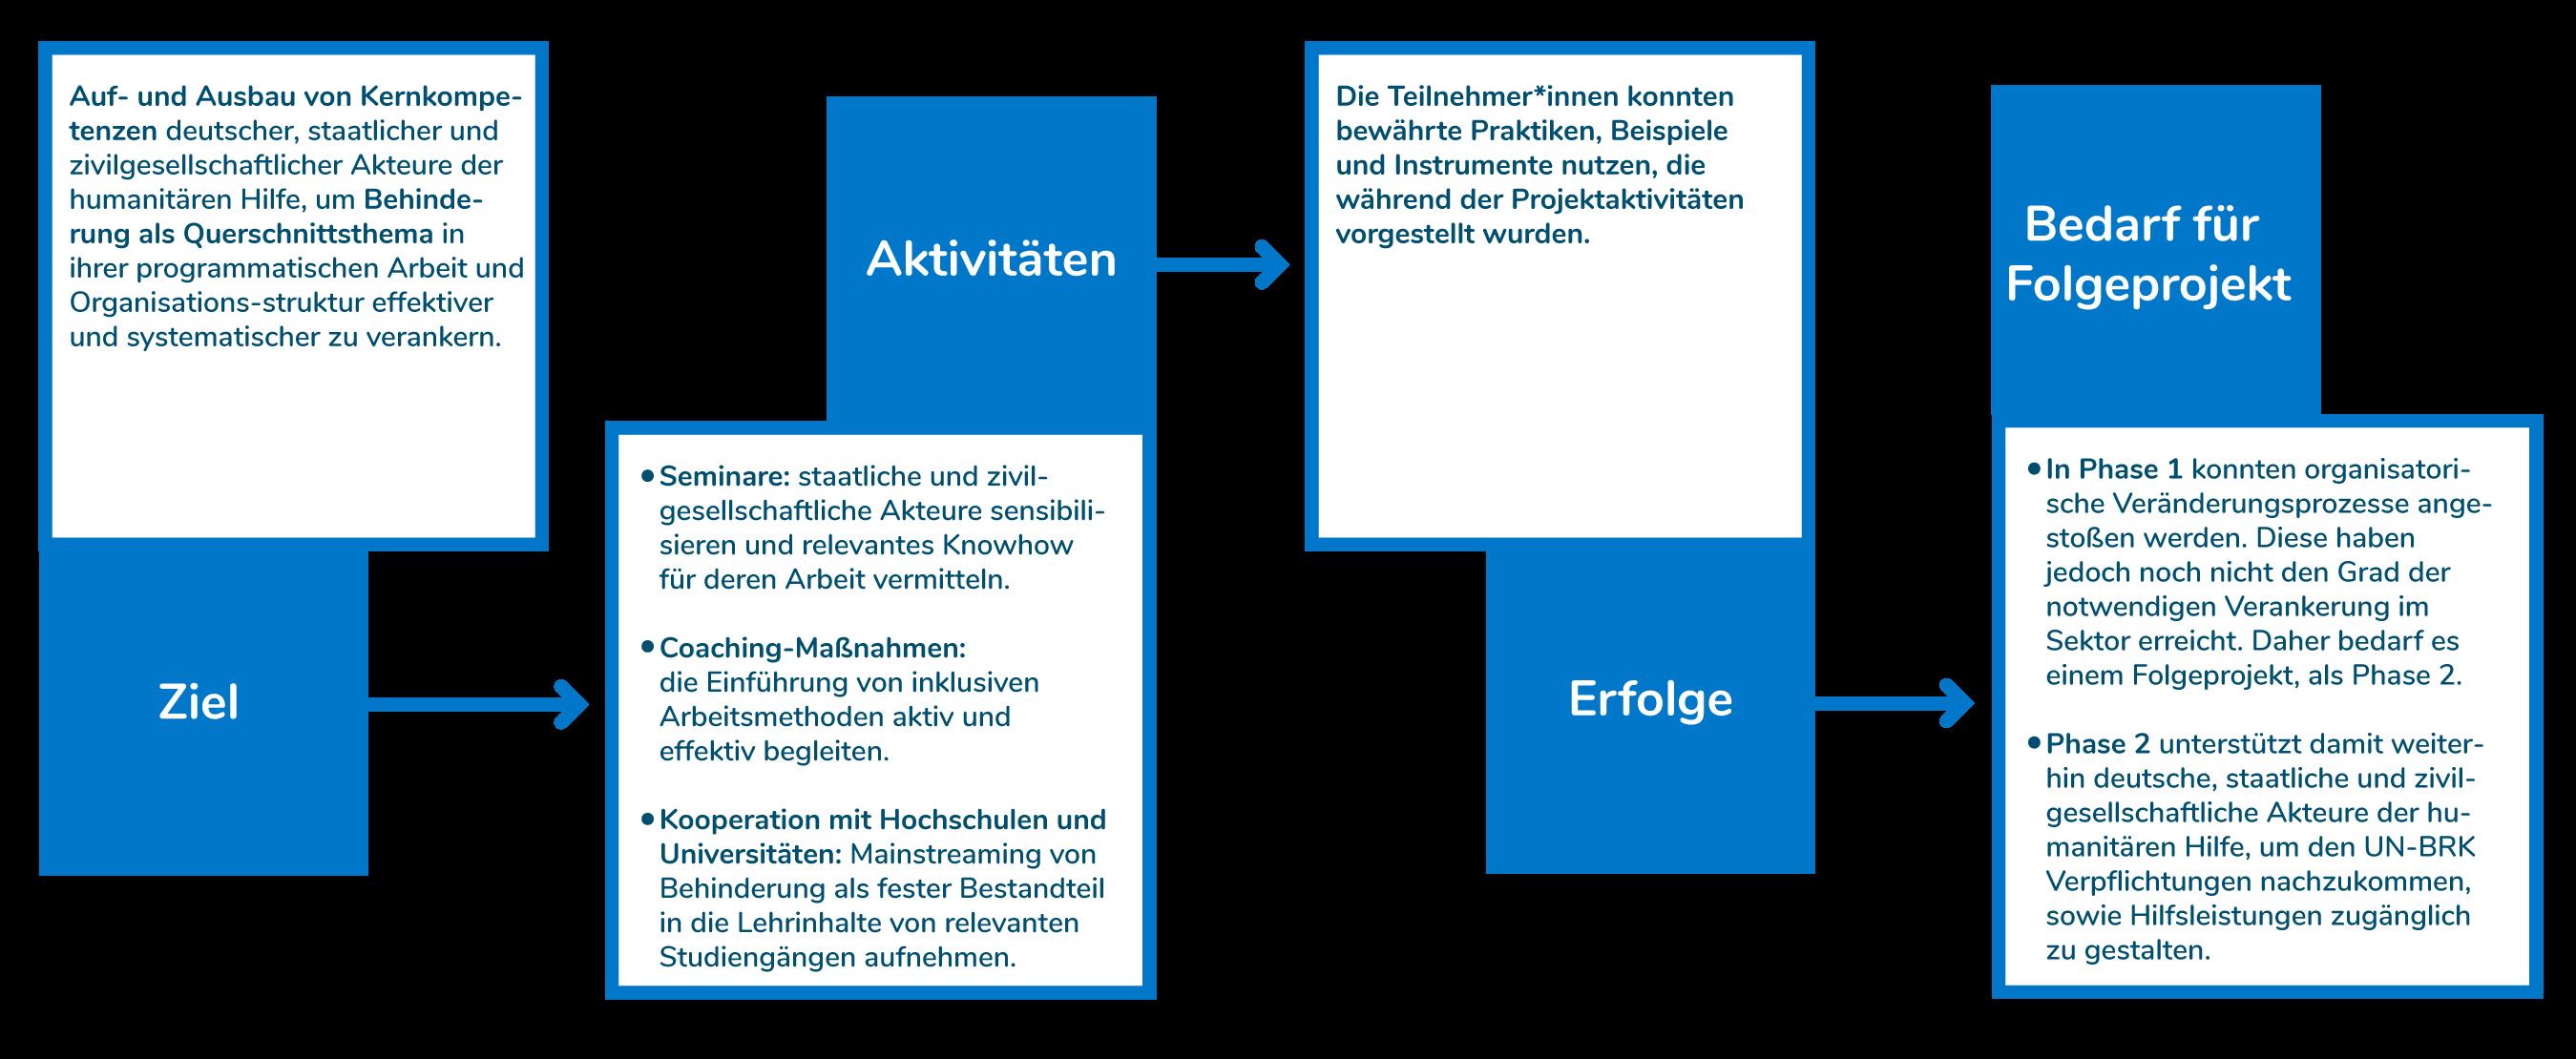 Infografik über das Ziel, Aktivitäten und die Erfolge aus Phase 1